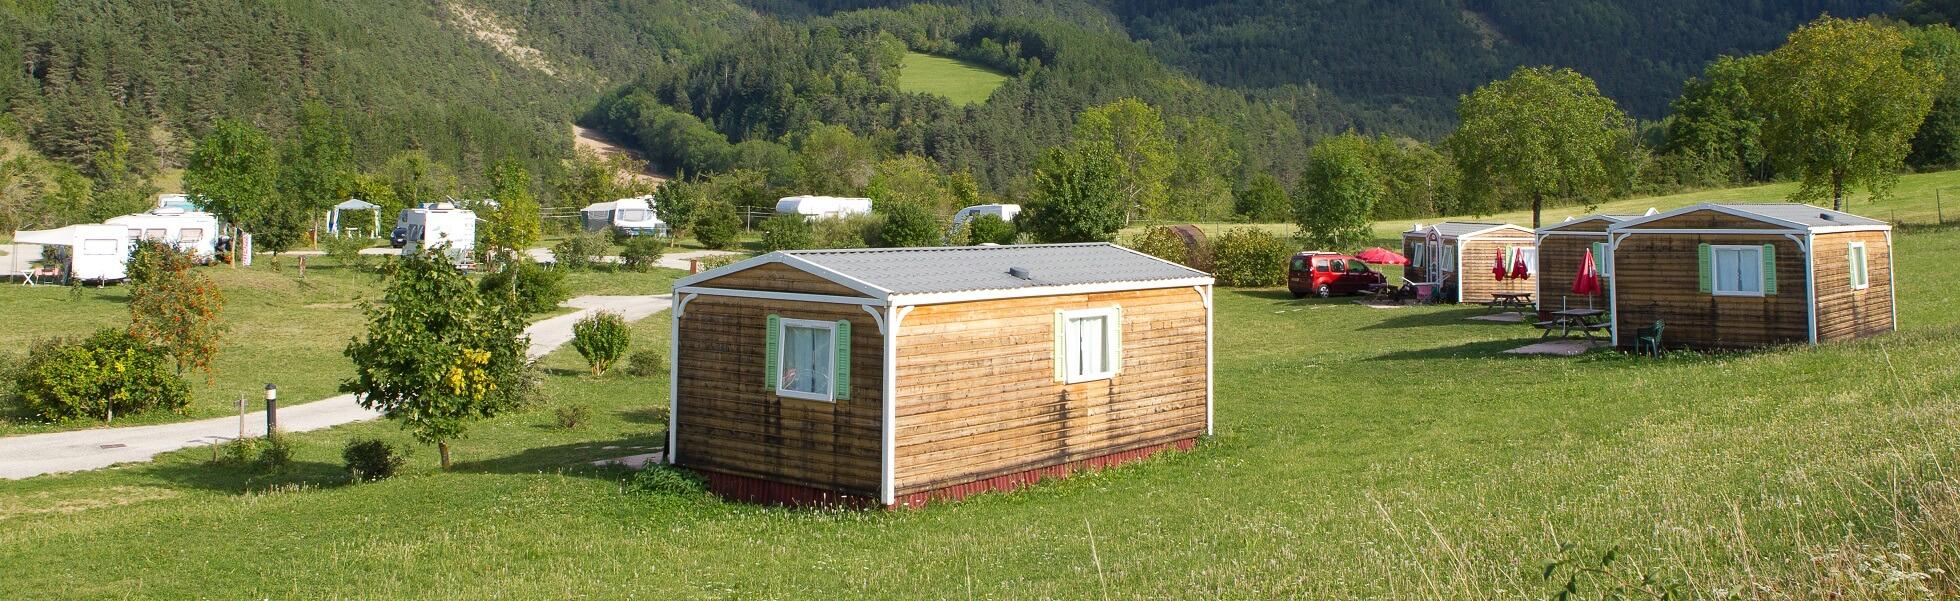 De online campinggids voor Frankrijk!